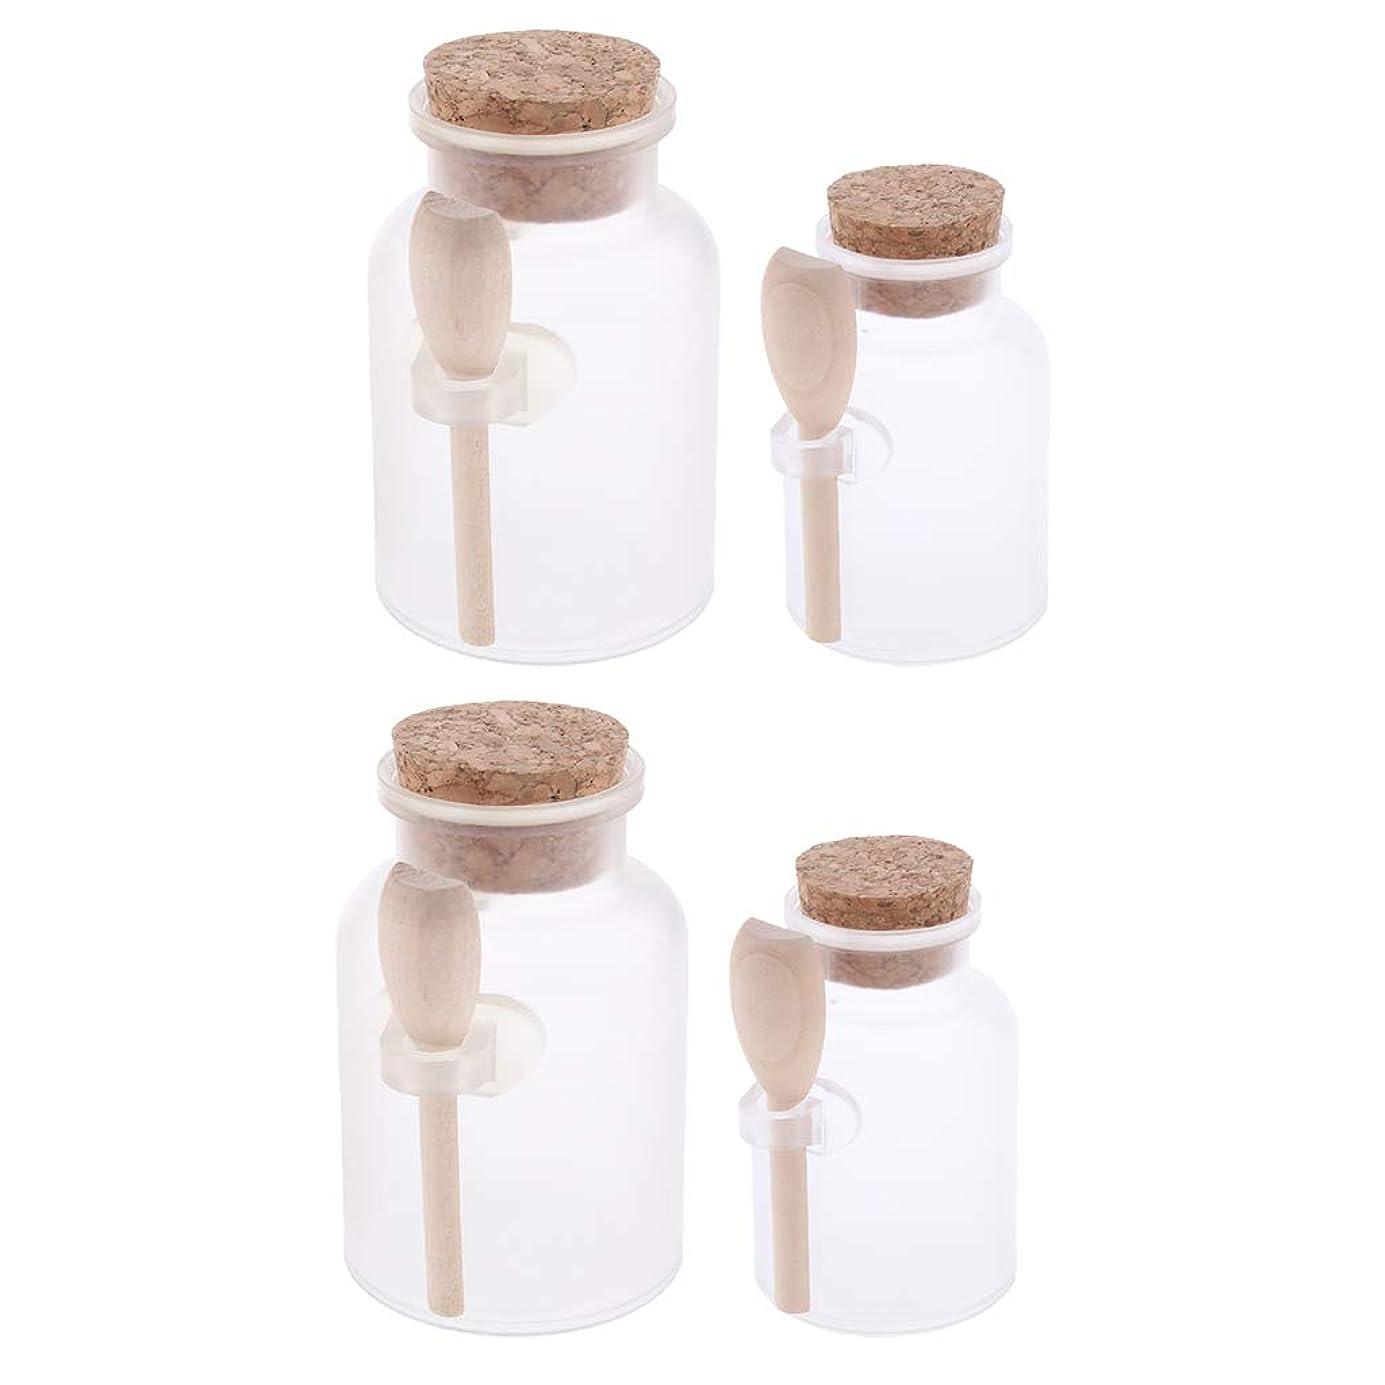 合法重要ハンカチBaoblaze 4個 円形 クリーム瓶 アロマボトル バスソルト 化粧品 コスメ容器 詰替え 広い開口 透明 スプーン付